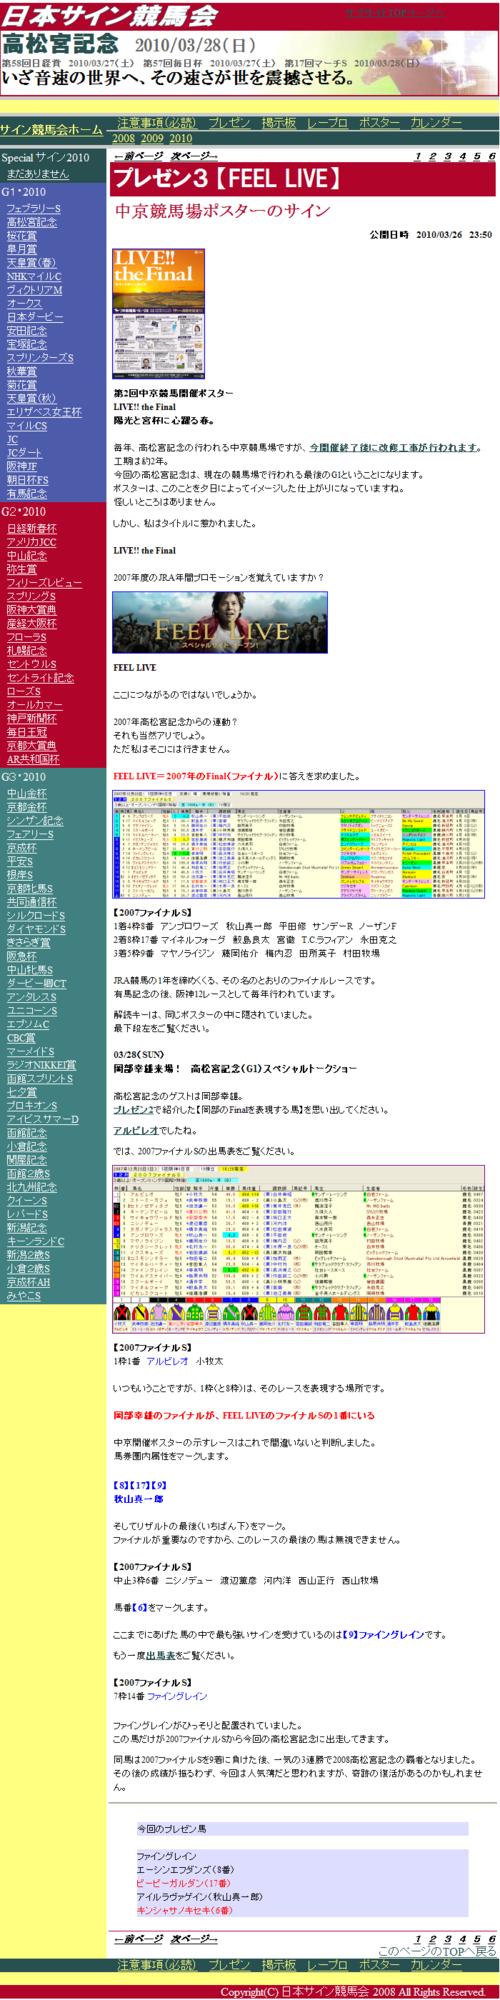 Sample20100328takamatsunomiyakine_2